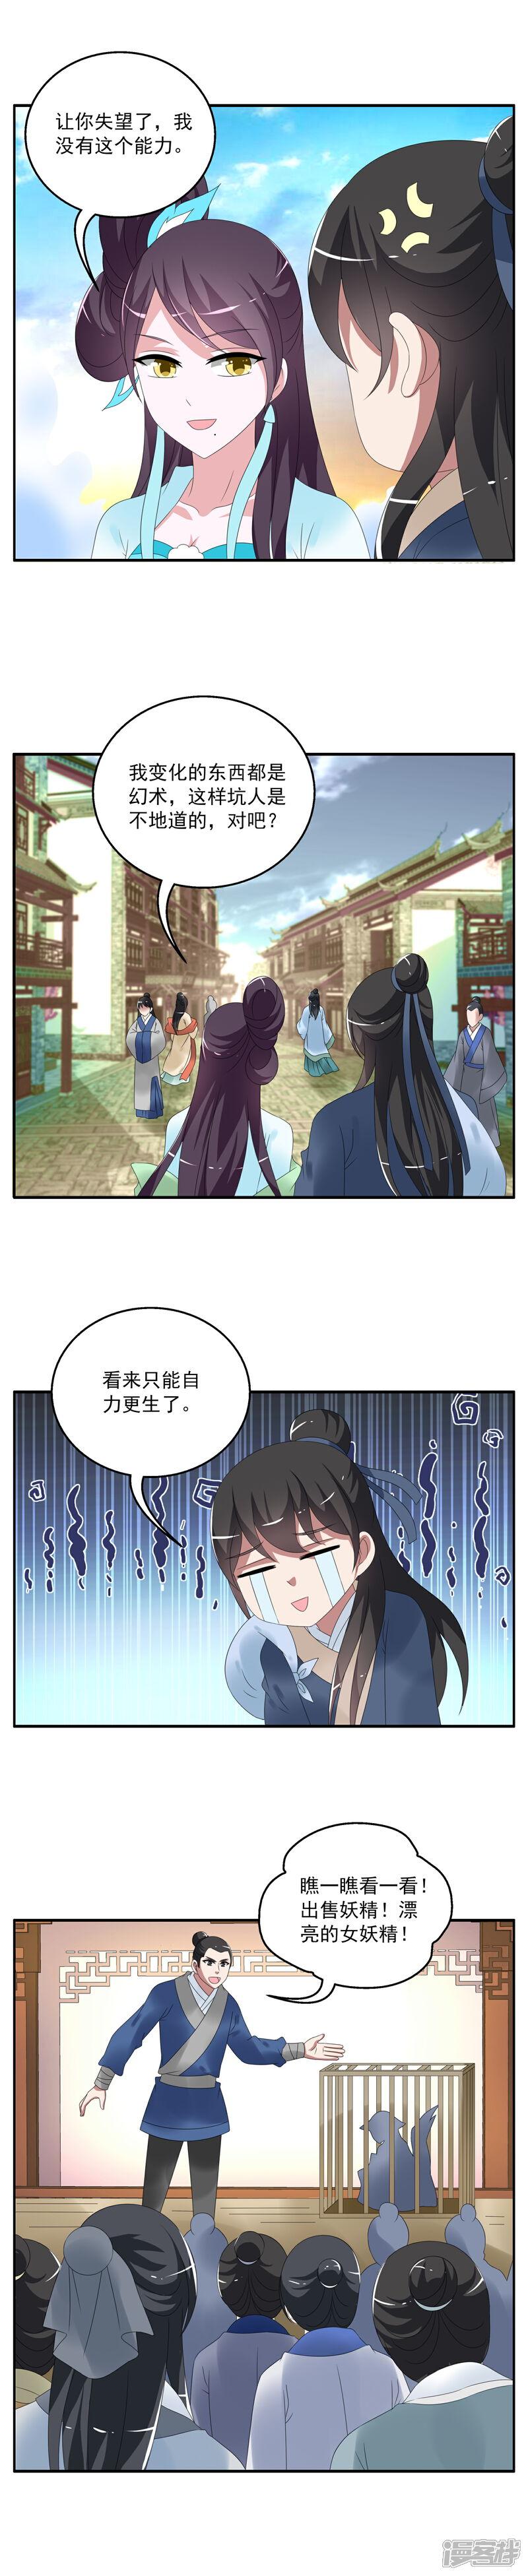 洛小妖151 (3).JPG